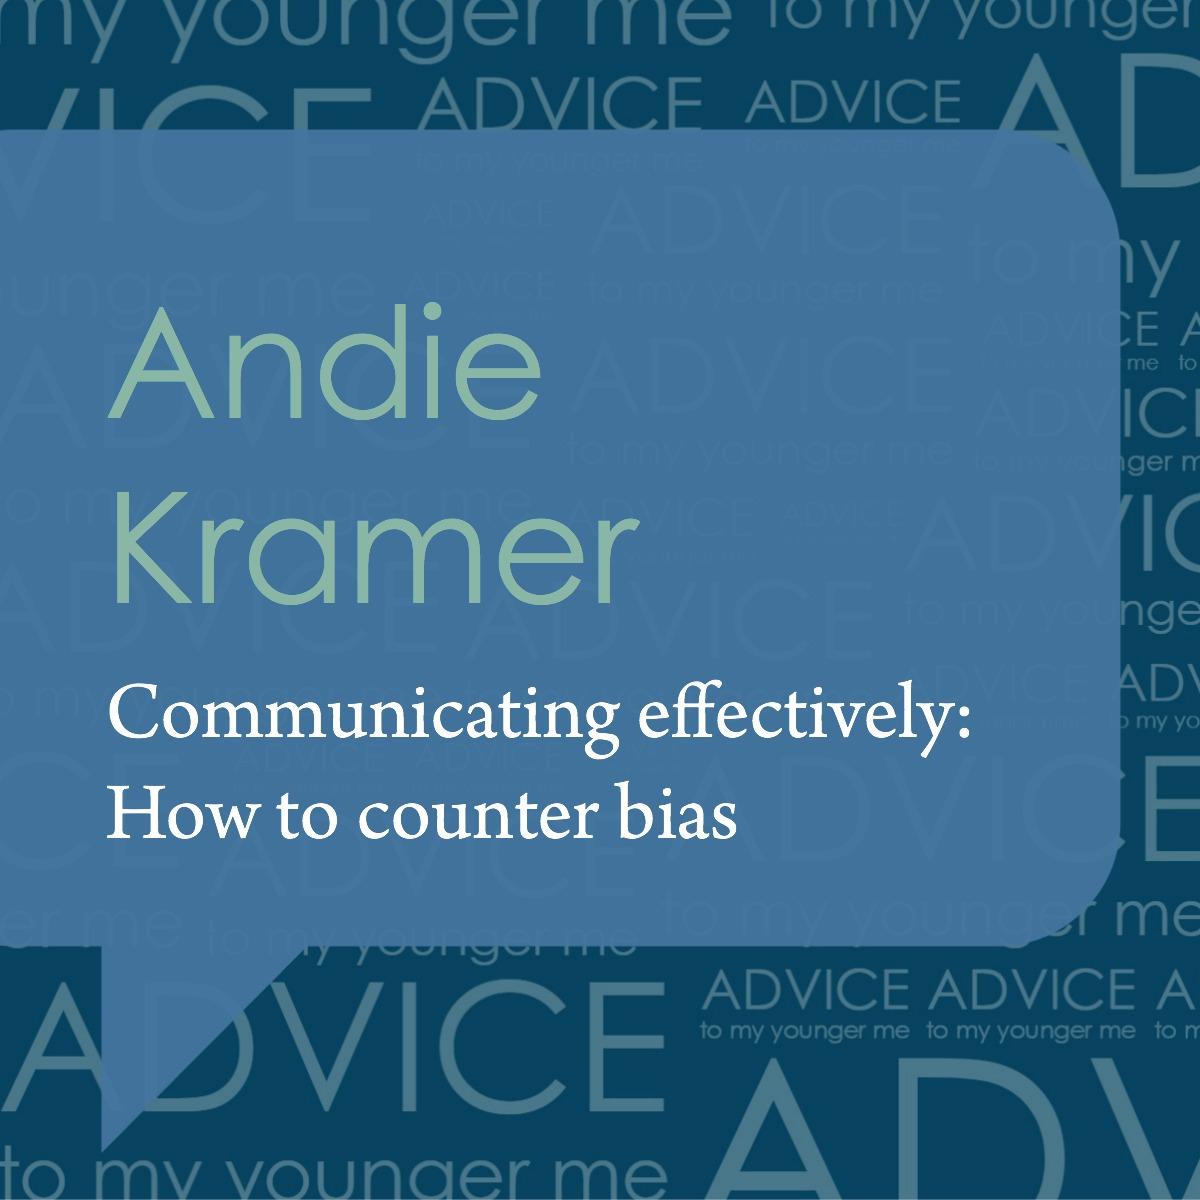 Andie Kramer